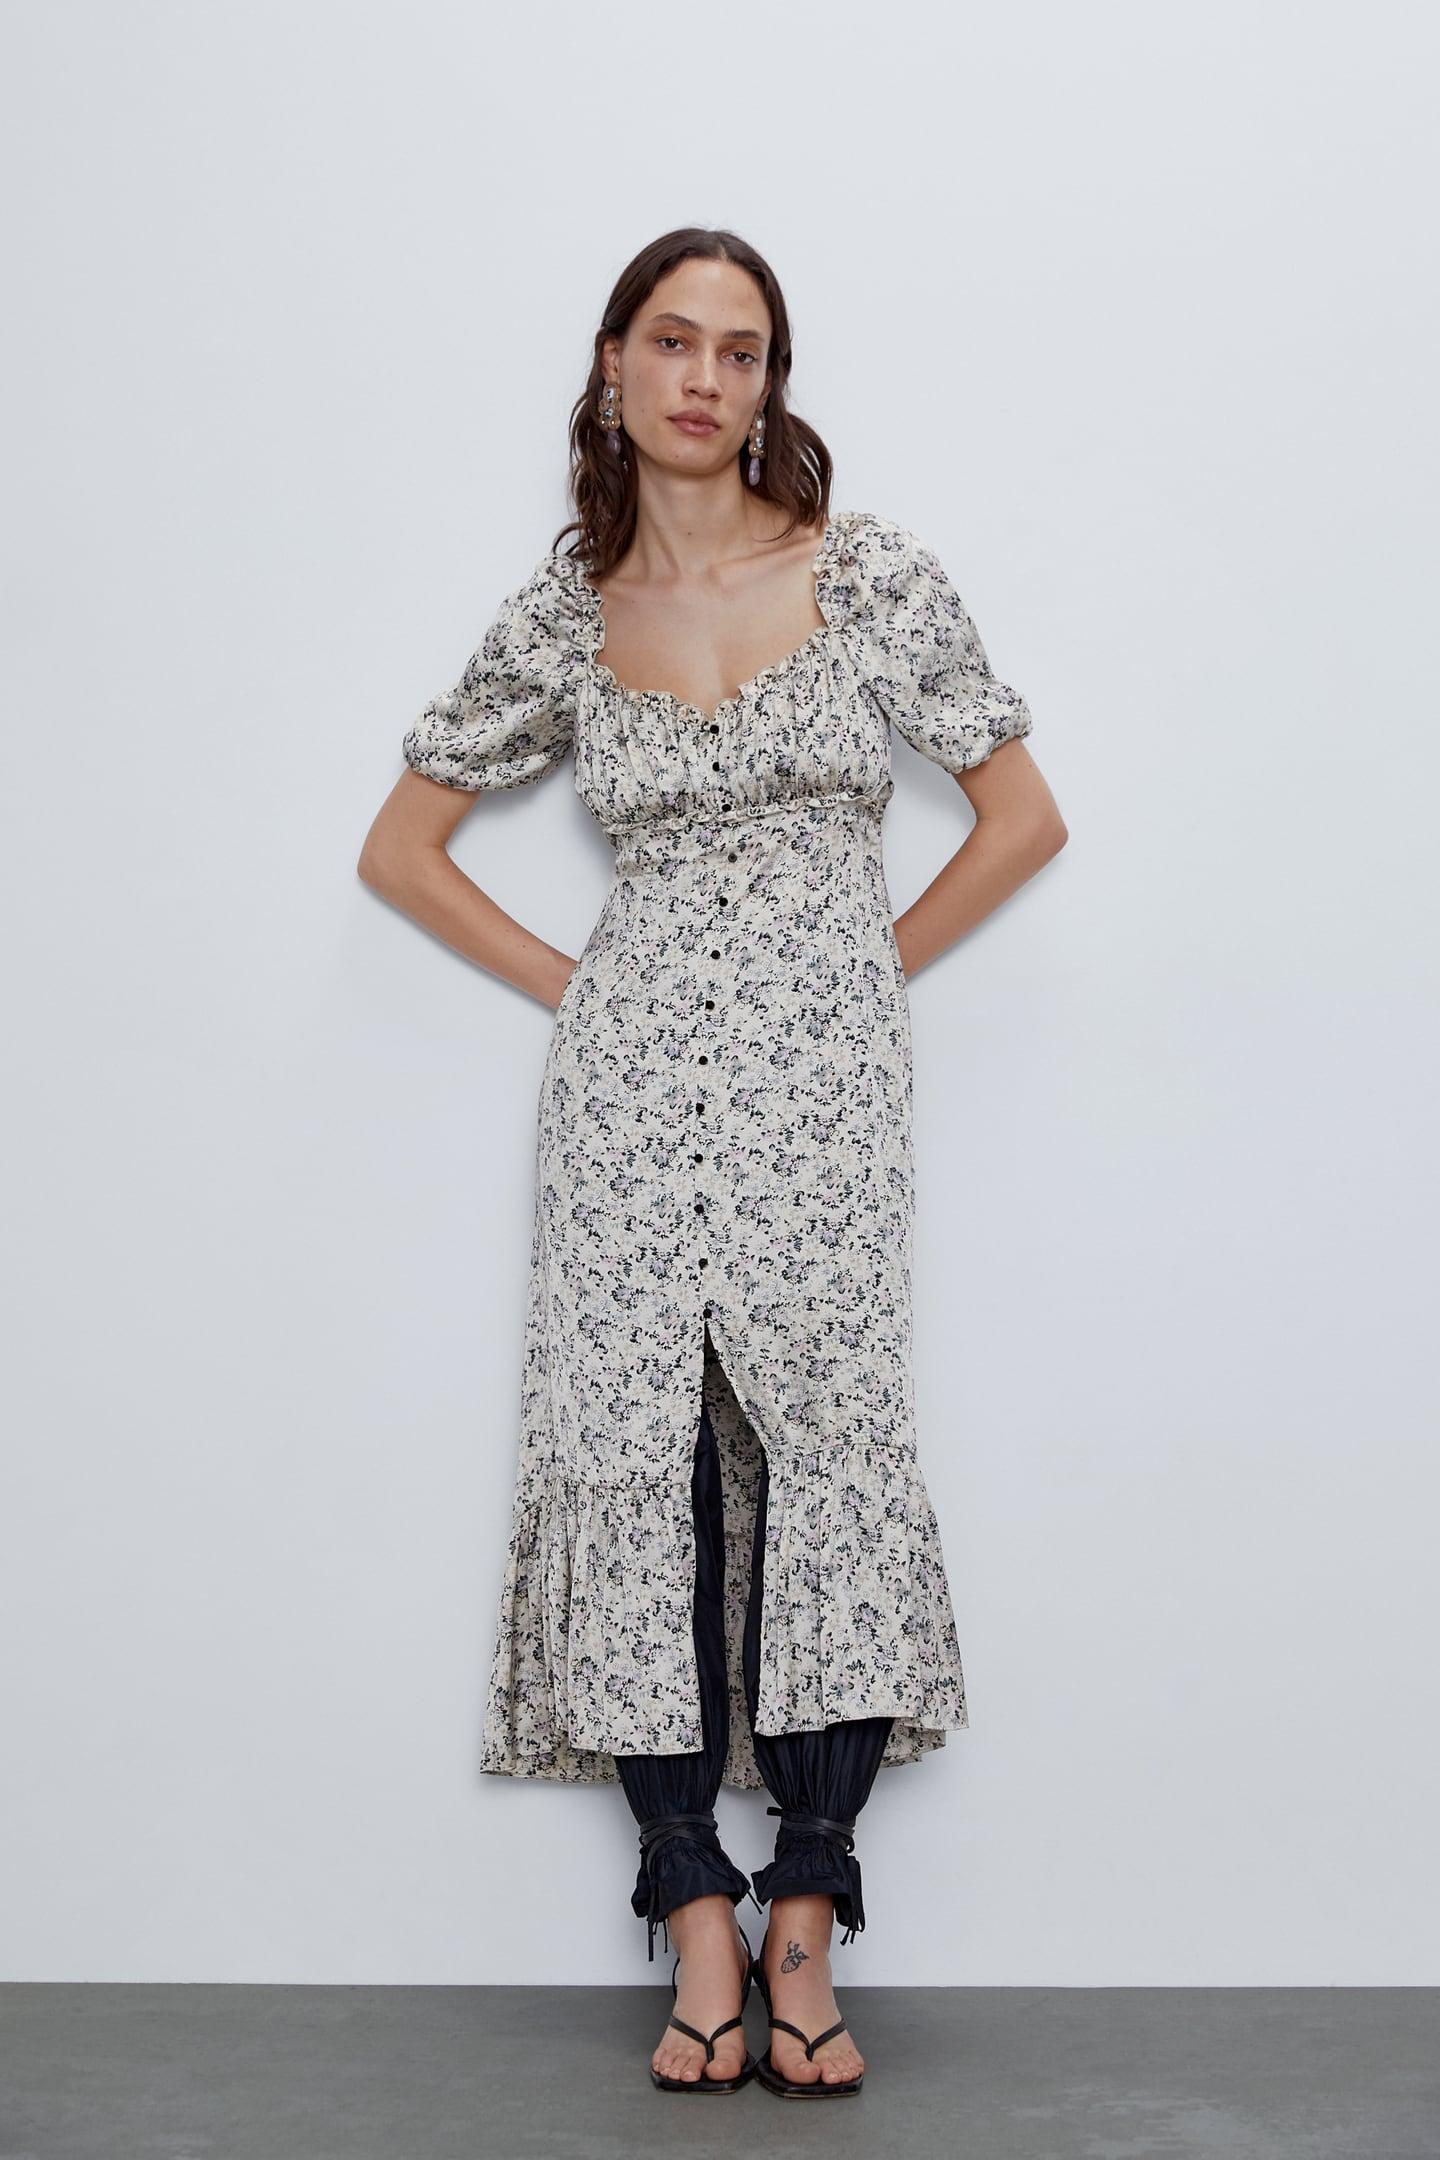 Zara satinirana haljina na gumbiće s uzorkom cvijeća, 299,90 kuna